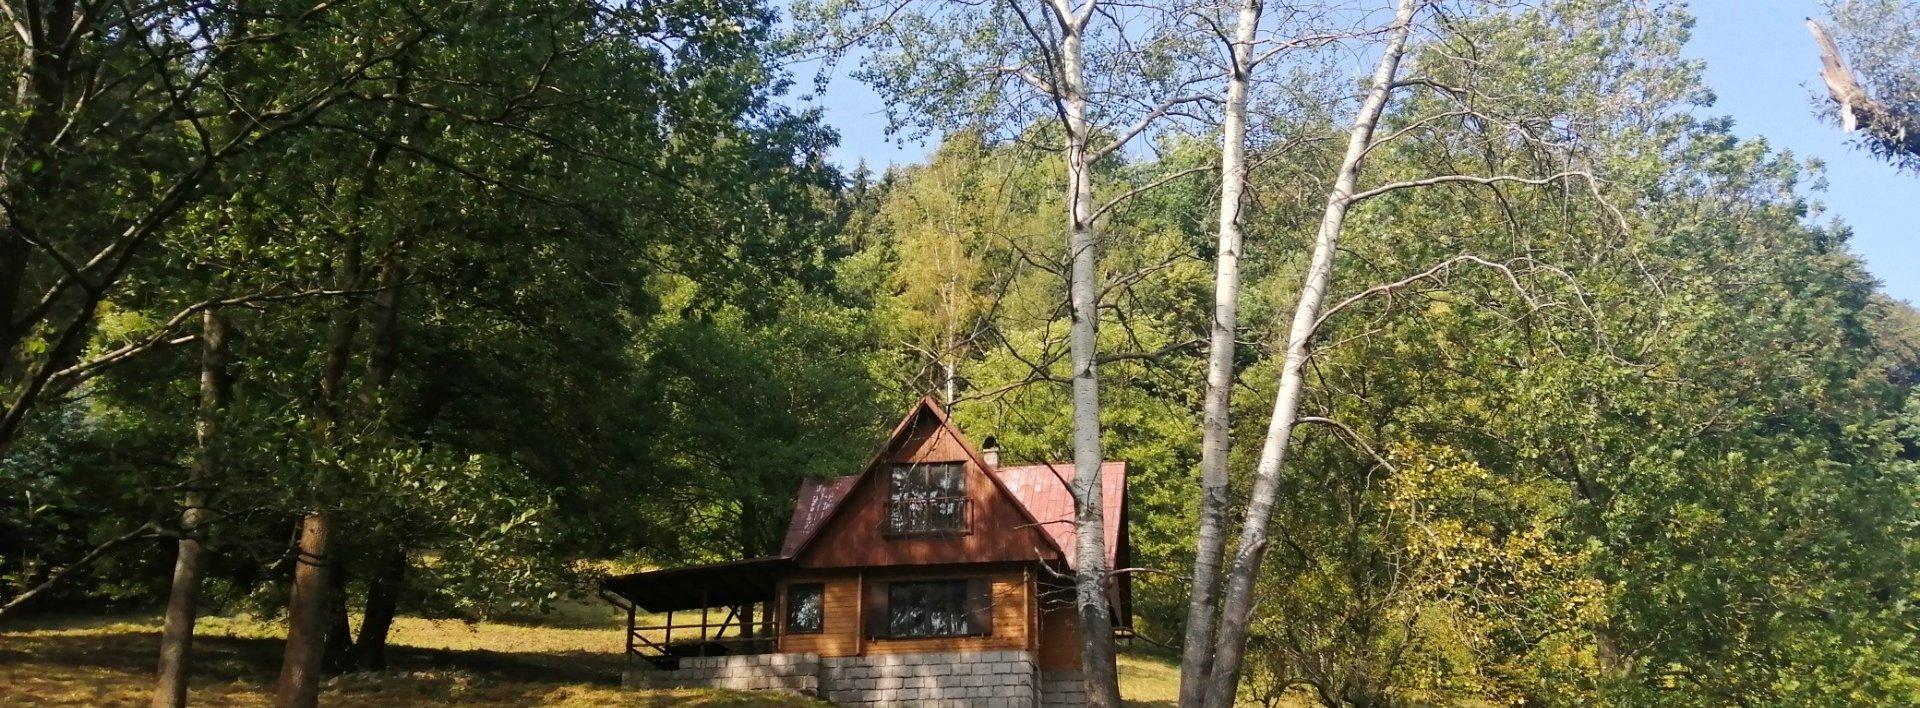 Prodej chaty s velkým pozemkem pod lesem, Ev.č.: N49154